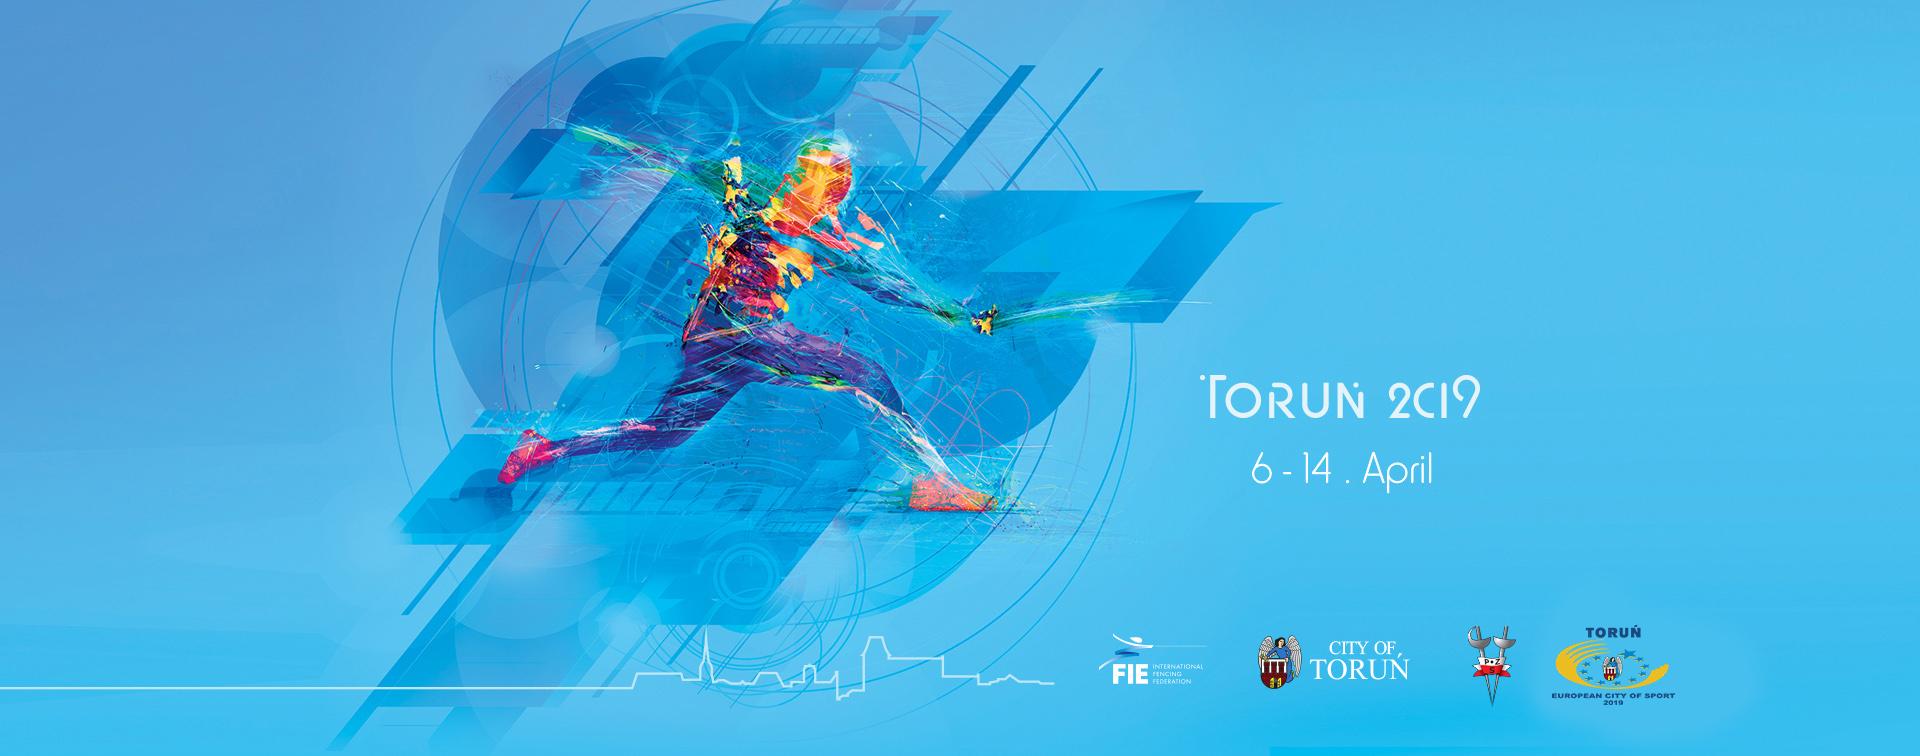 Mistrzostwa Świata kadetów Toruń 2019